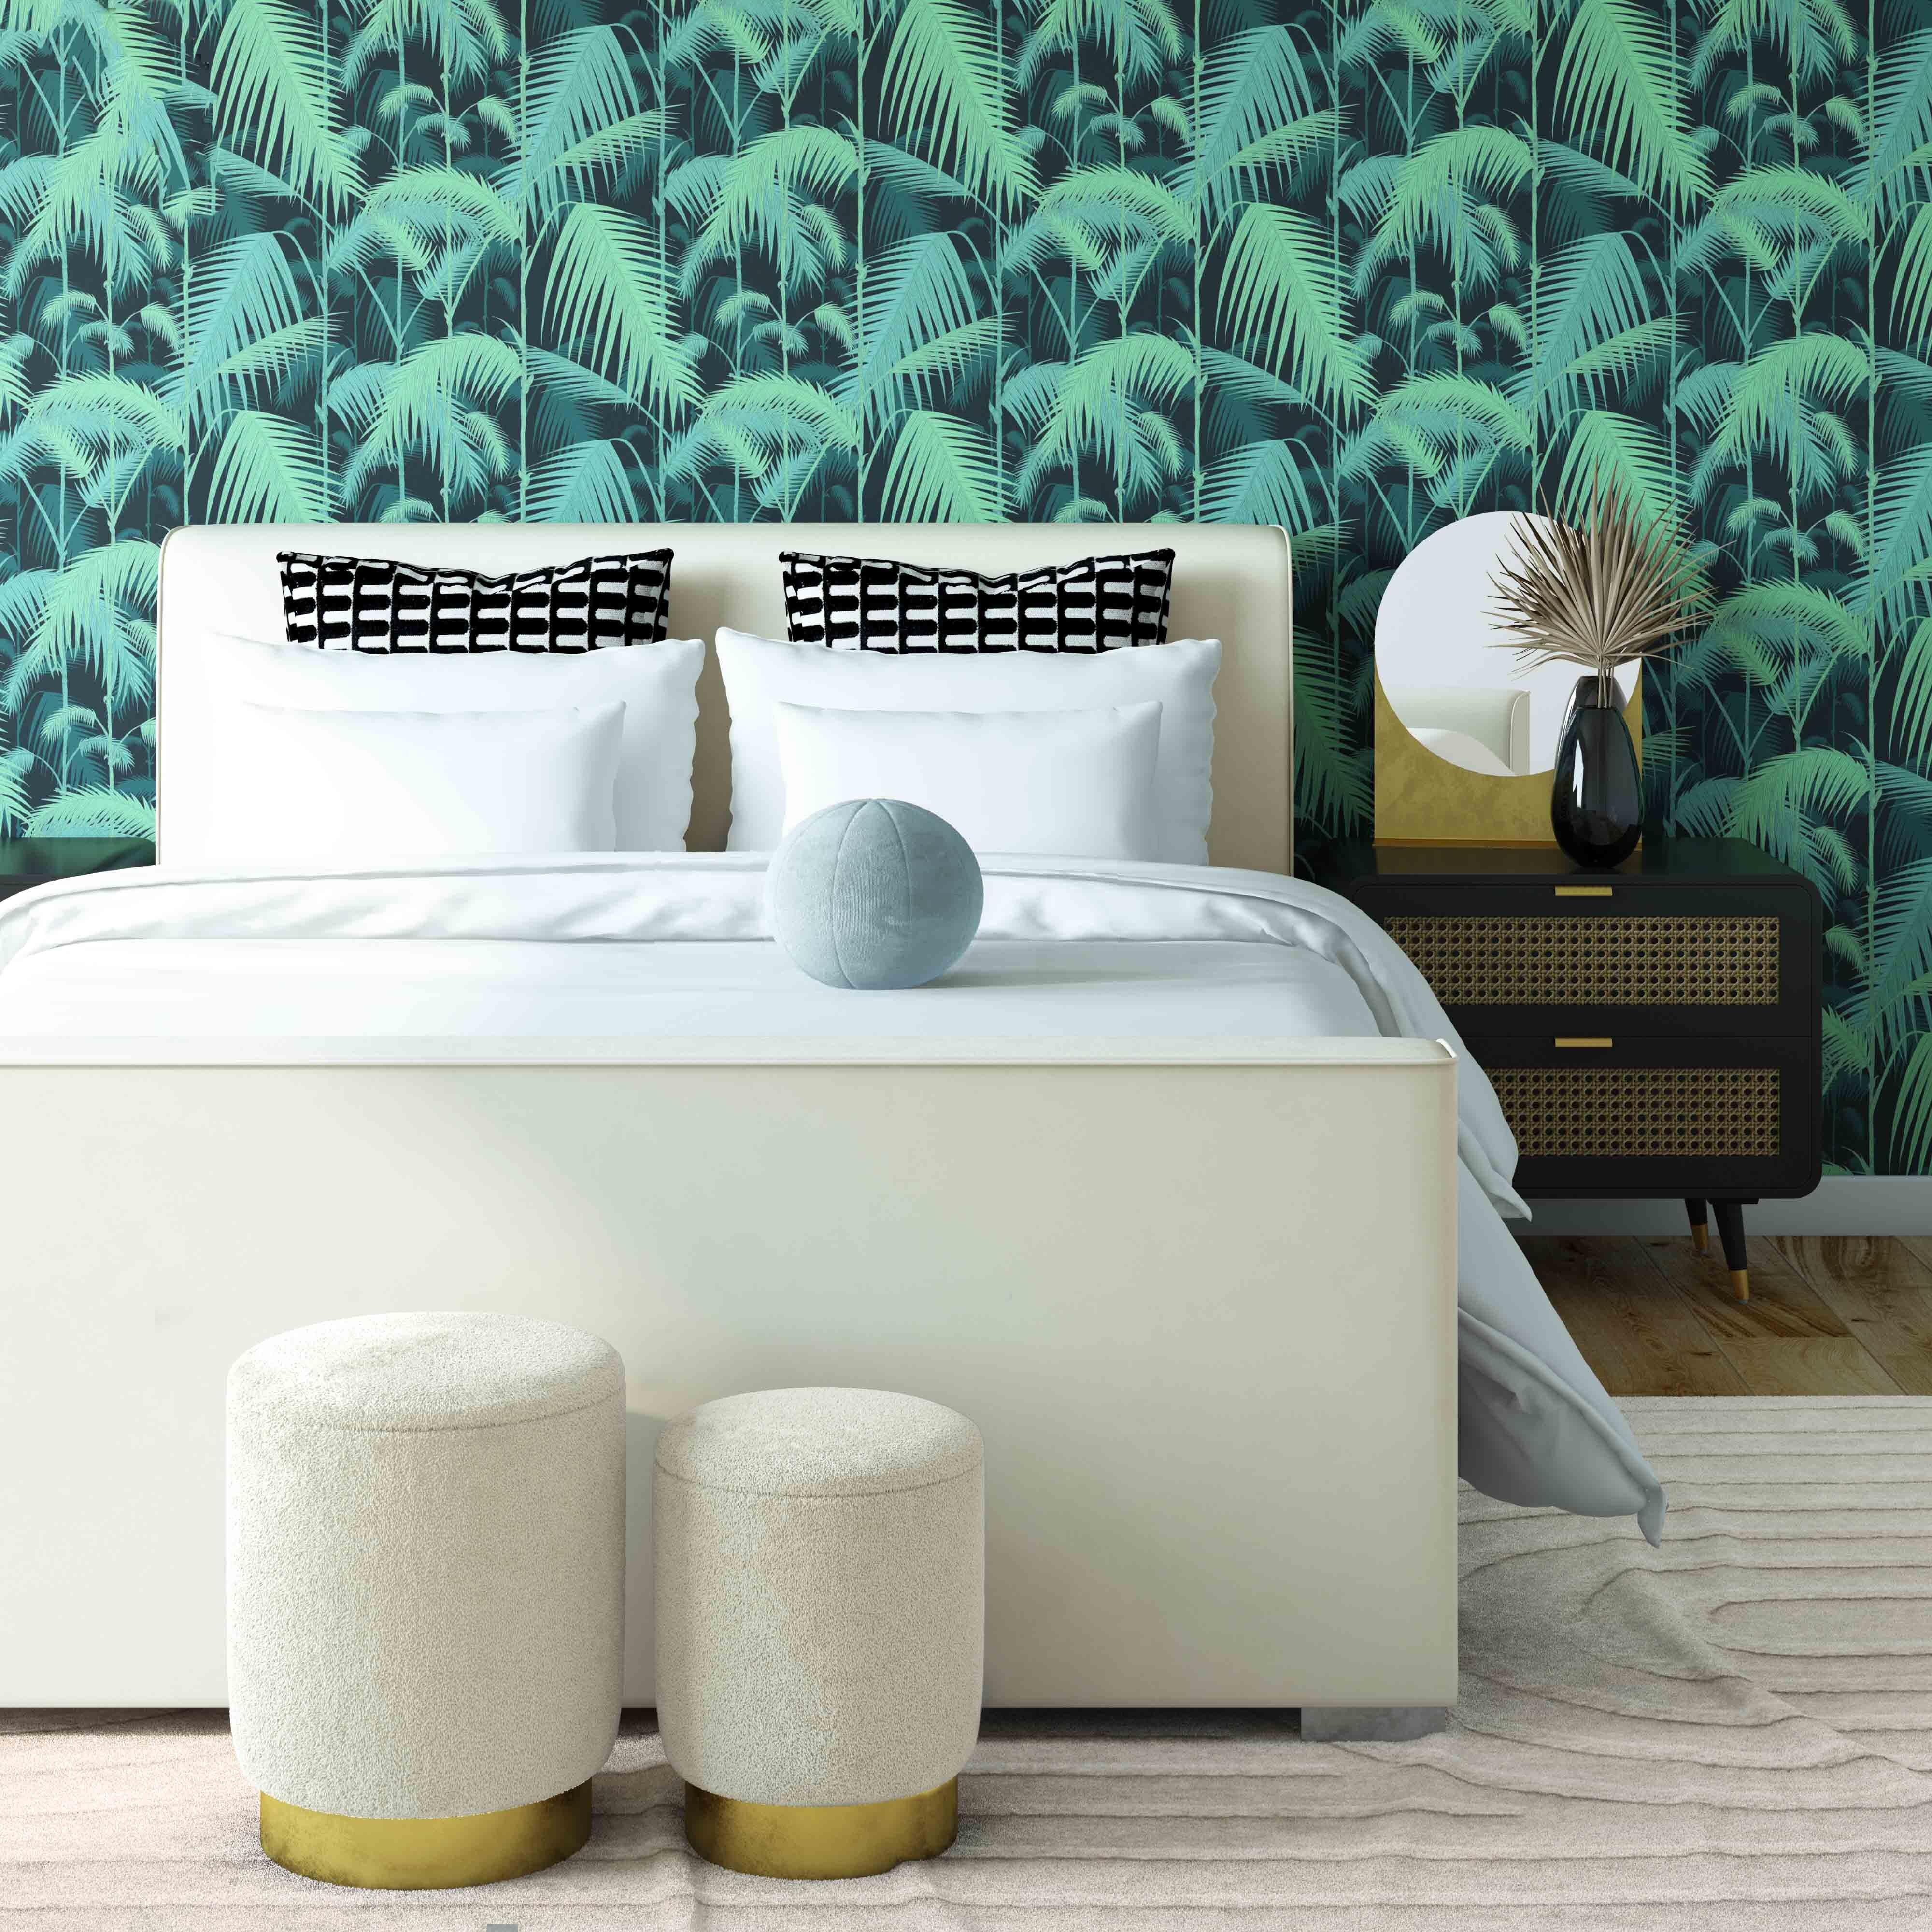 Tov Madison Upholstered Low Profile Platform Bed Wayfair